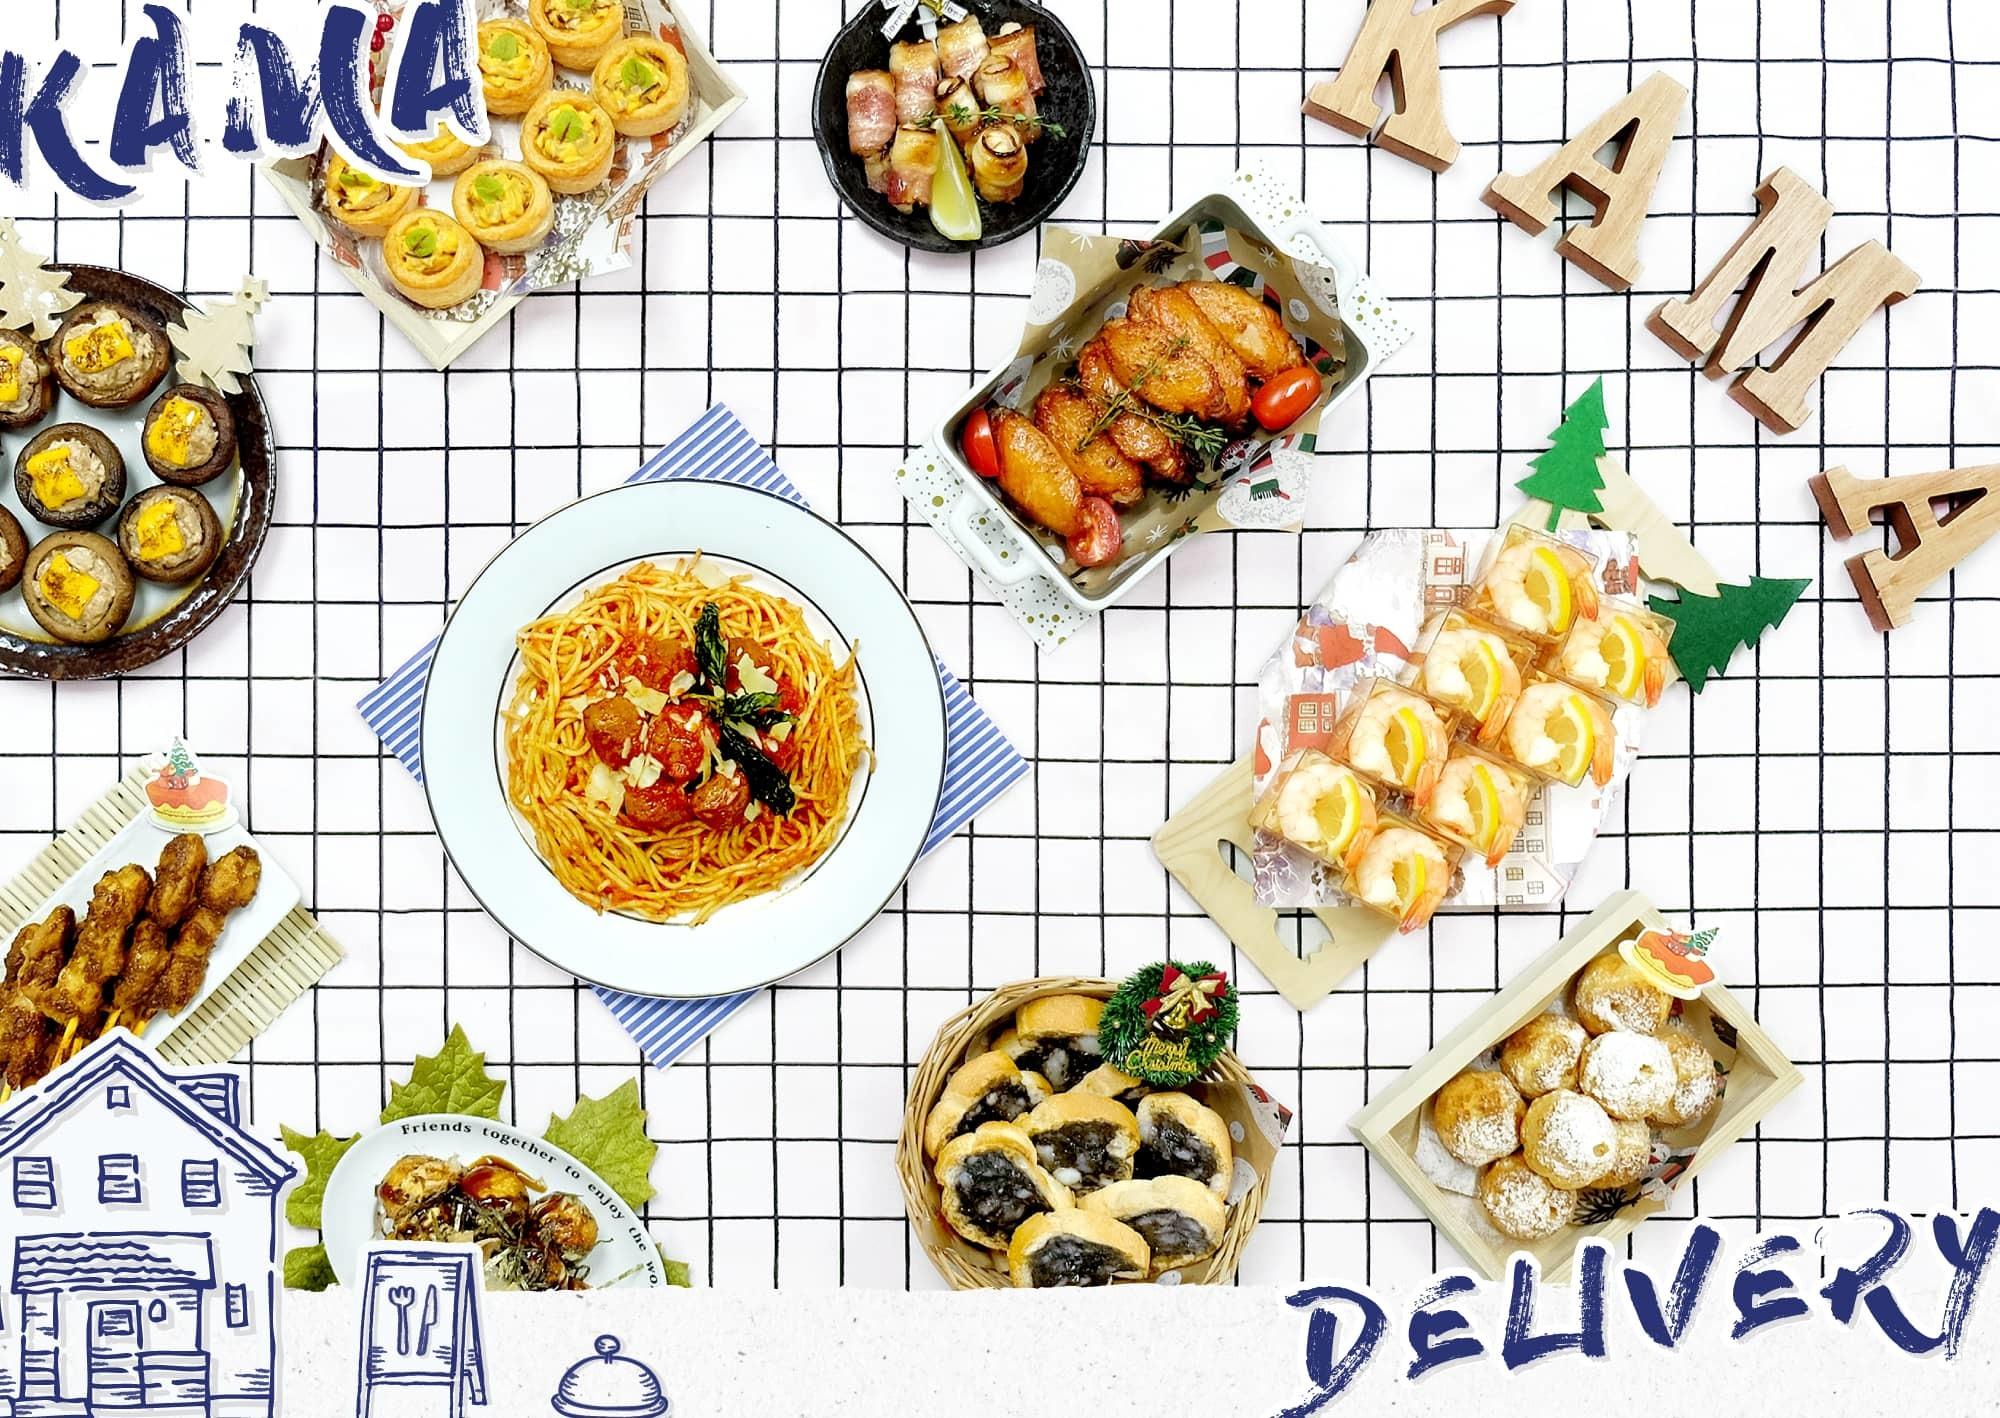 9人外賣套餐推介|Kama Delivery直送餐單|精選自選人數餐|全港免費送貨